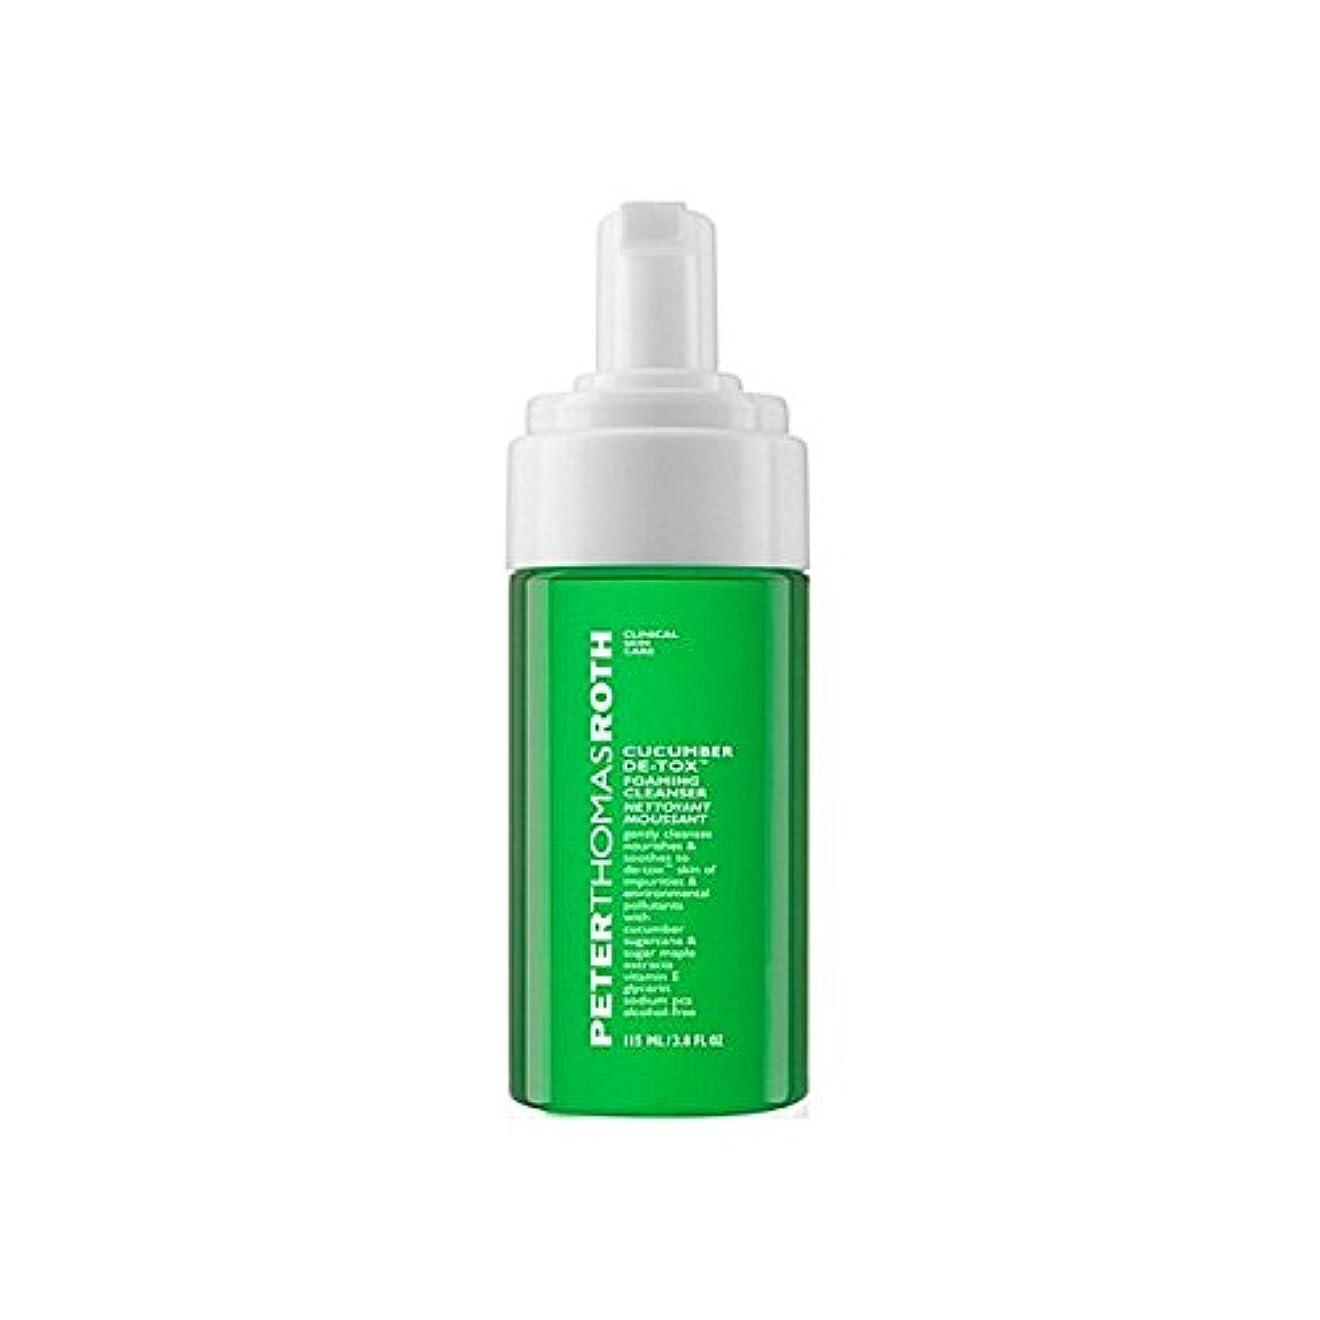 誕生有害な悪化させるピータートーマスロスキュウリデ発泡クレンザー x4 - Peter Thomas Roth Cucumber De-Tox Foaming Cleanser (Pack of 4) [並行輸入品]